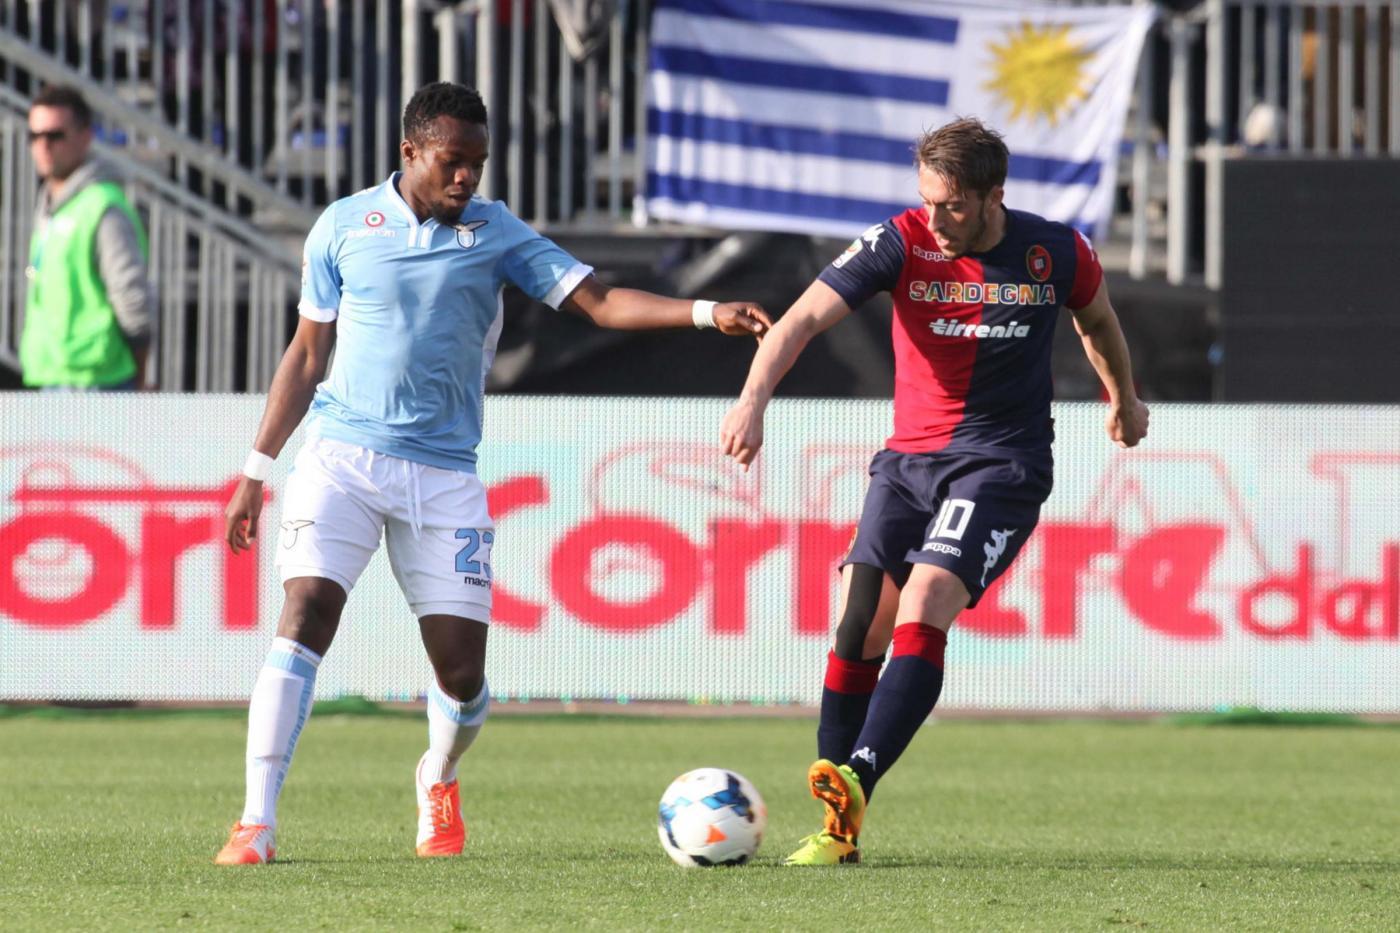 Lazio-Cagliari 4-2: biancocelesti al terzo posto